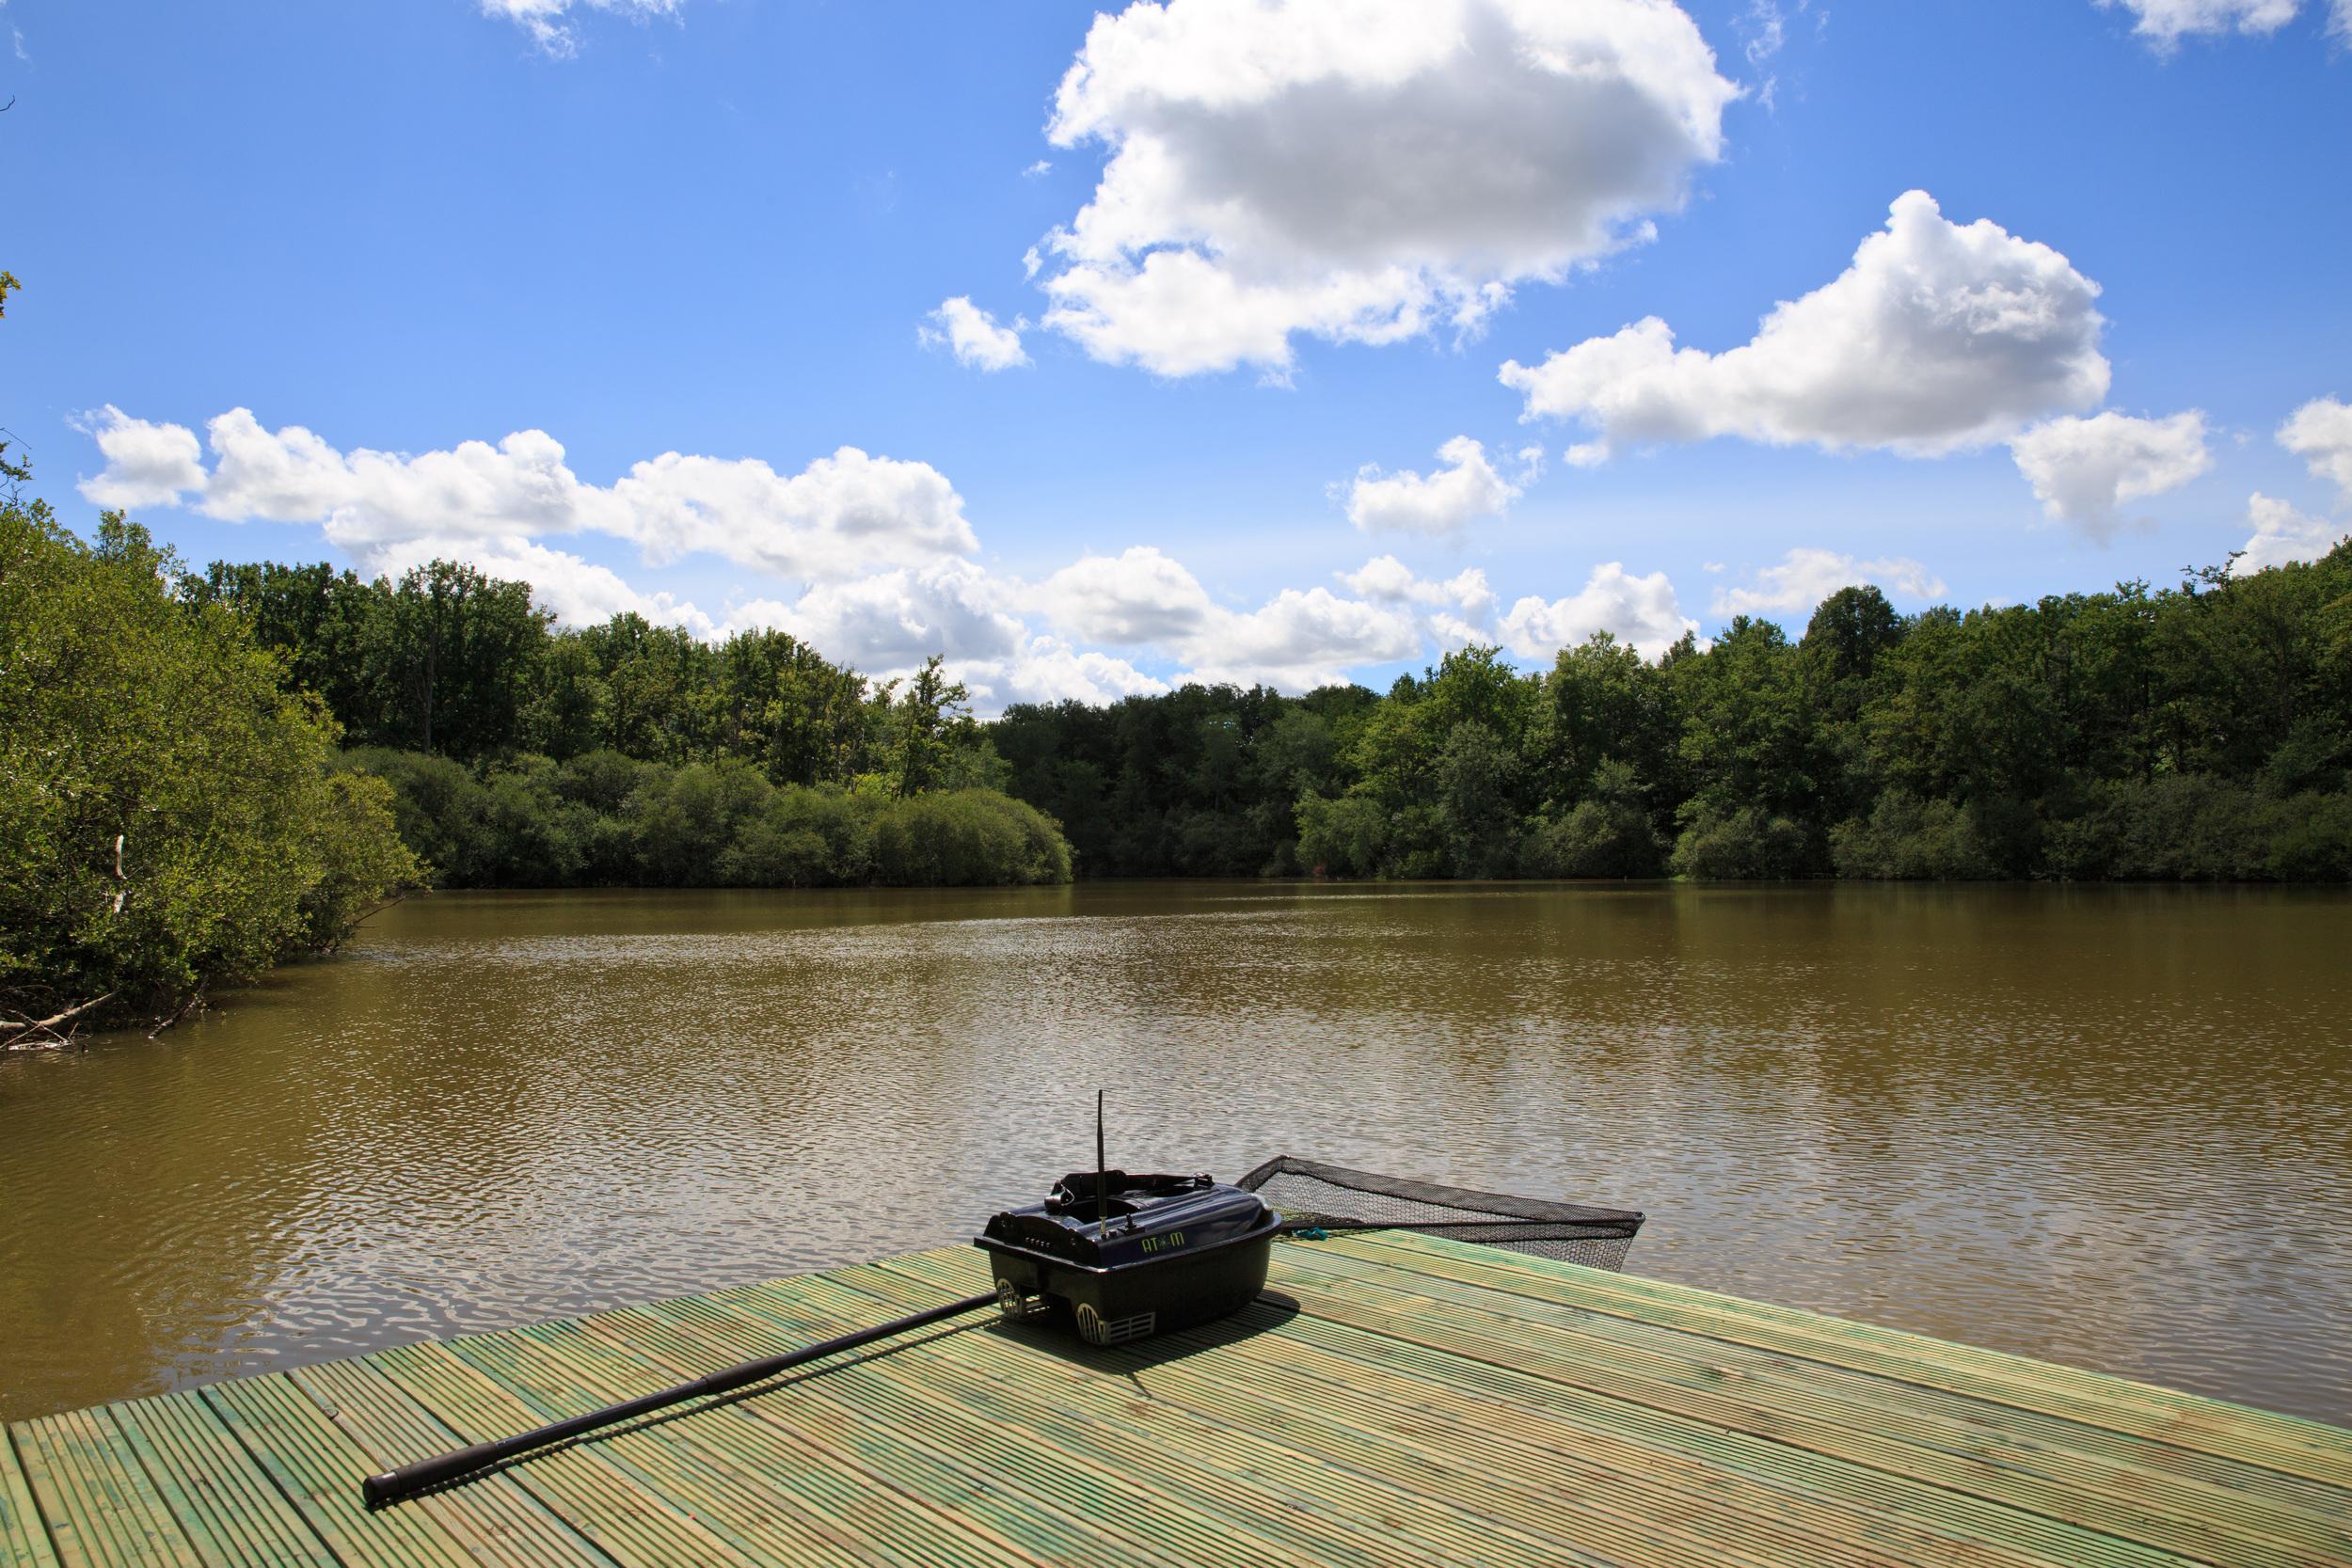 Lake-Meillant-2013_46.jpg